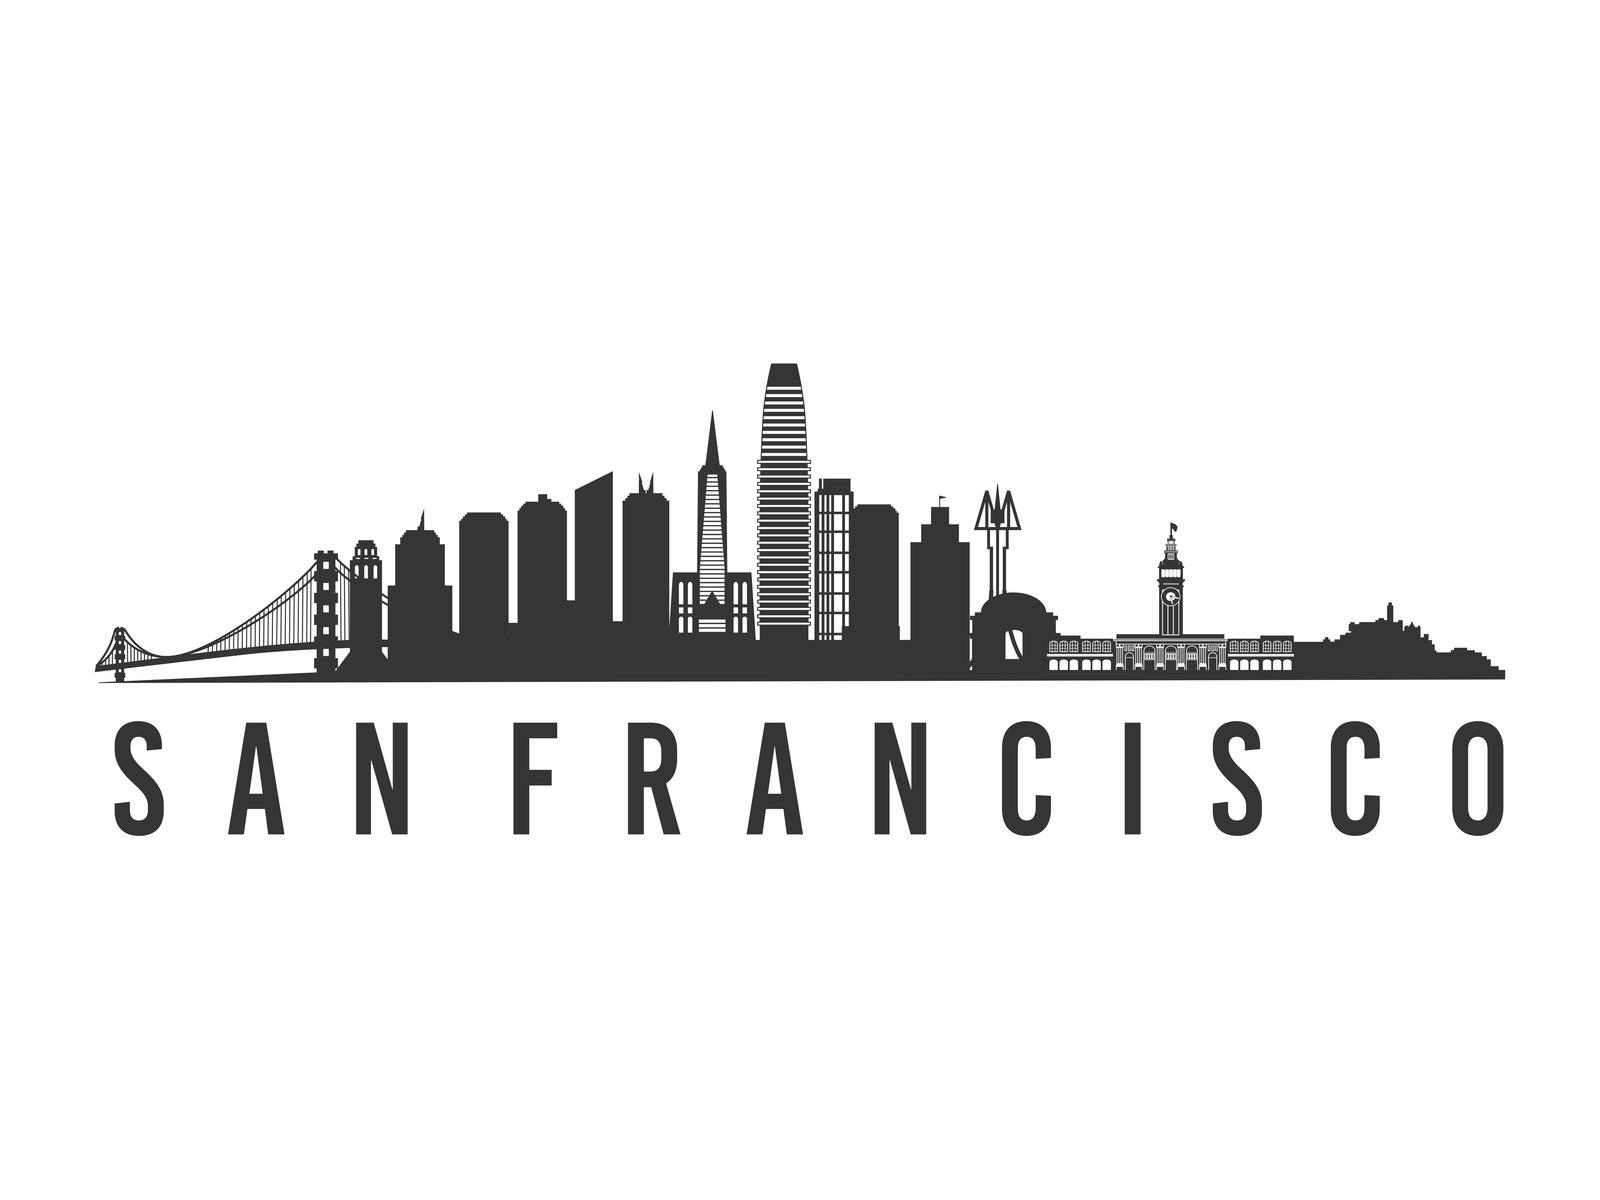 san francisco skyline vector san francisco skyline silhouette free vector silhouettes vector skyline francisco san